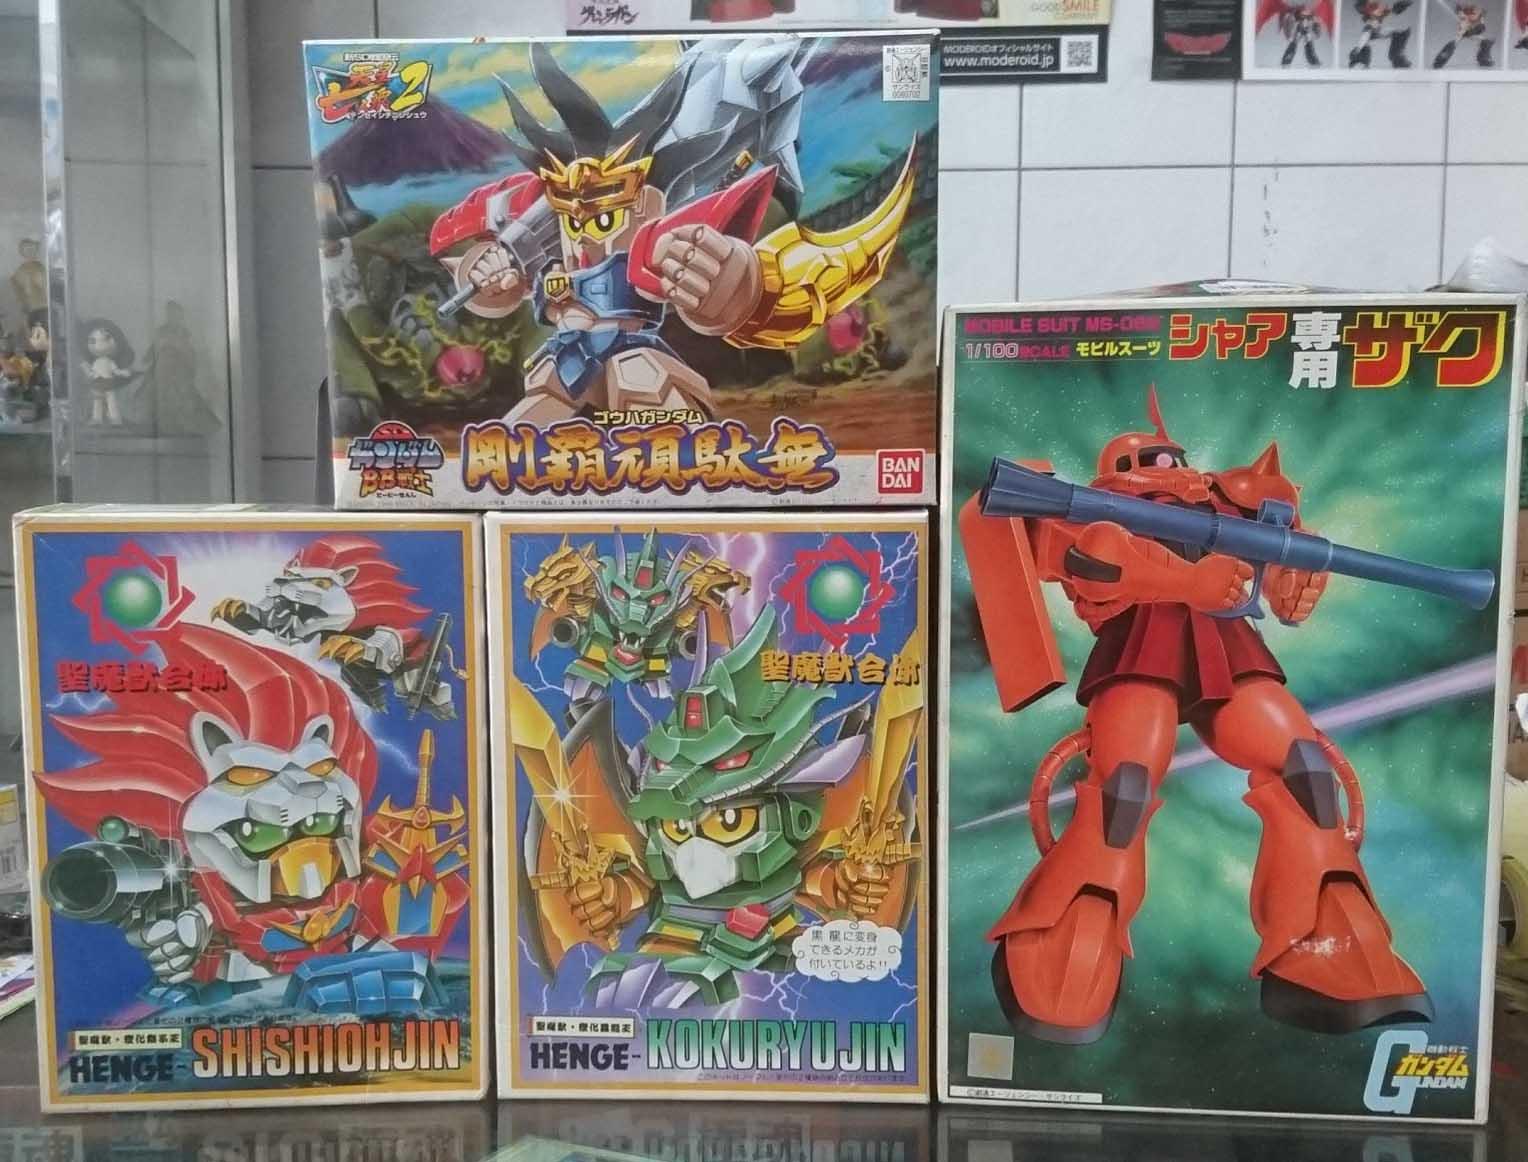 BB戰士系列、聖魔獸合體、1/100夏亞專用薩克,益祥模型玩具外盒實際拍攝照片。